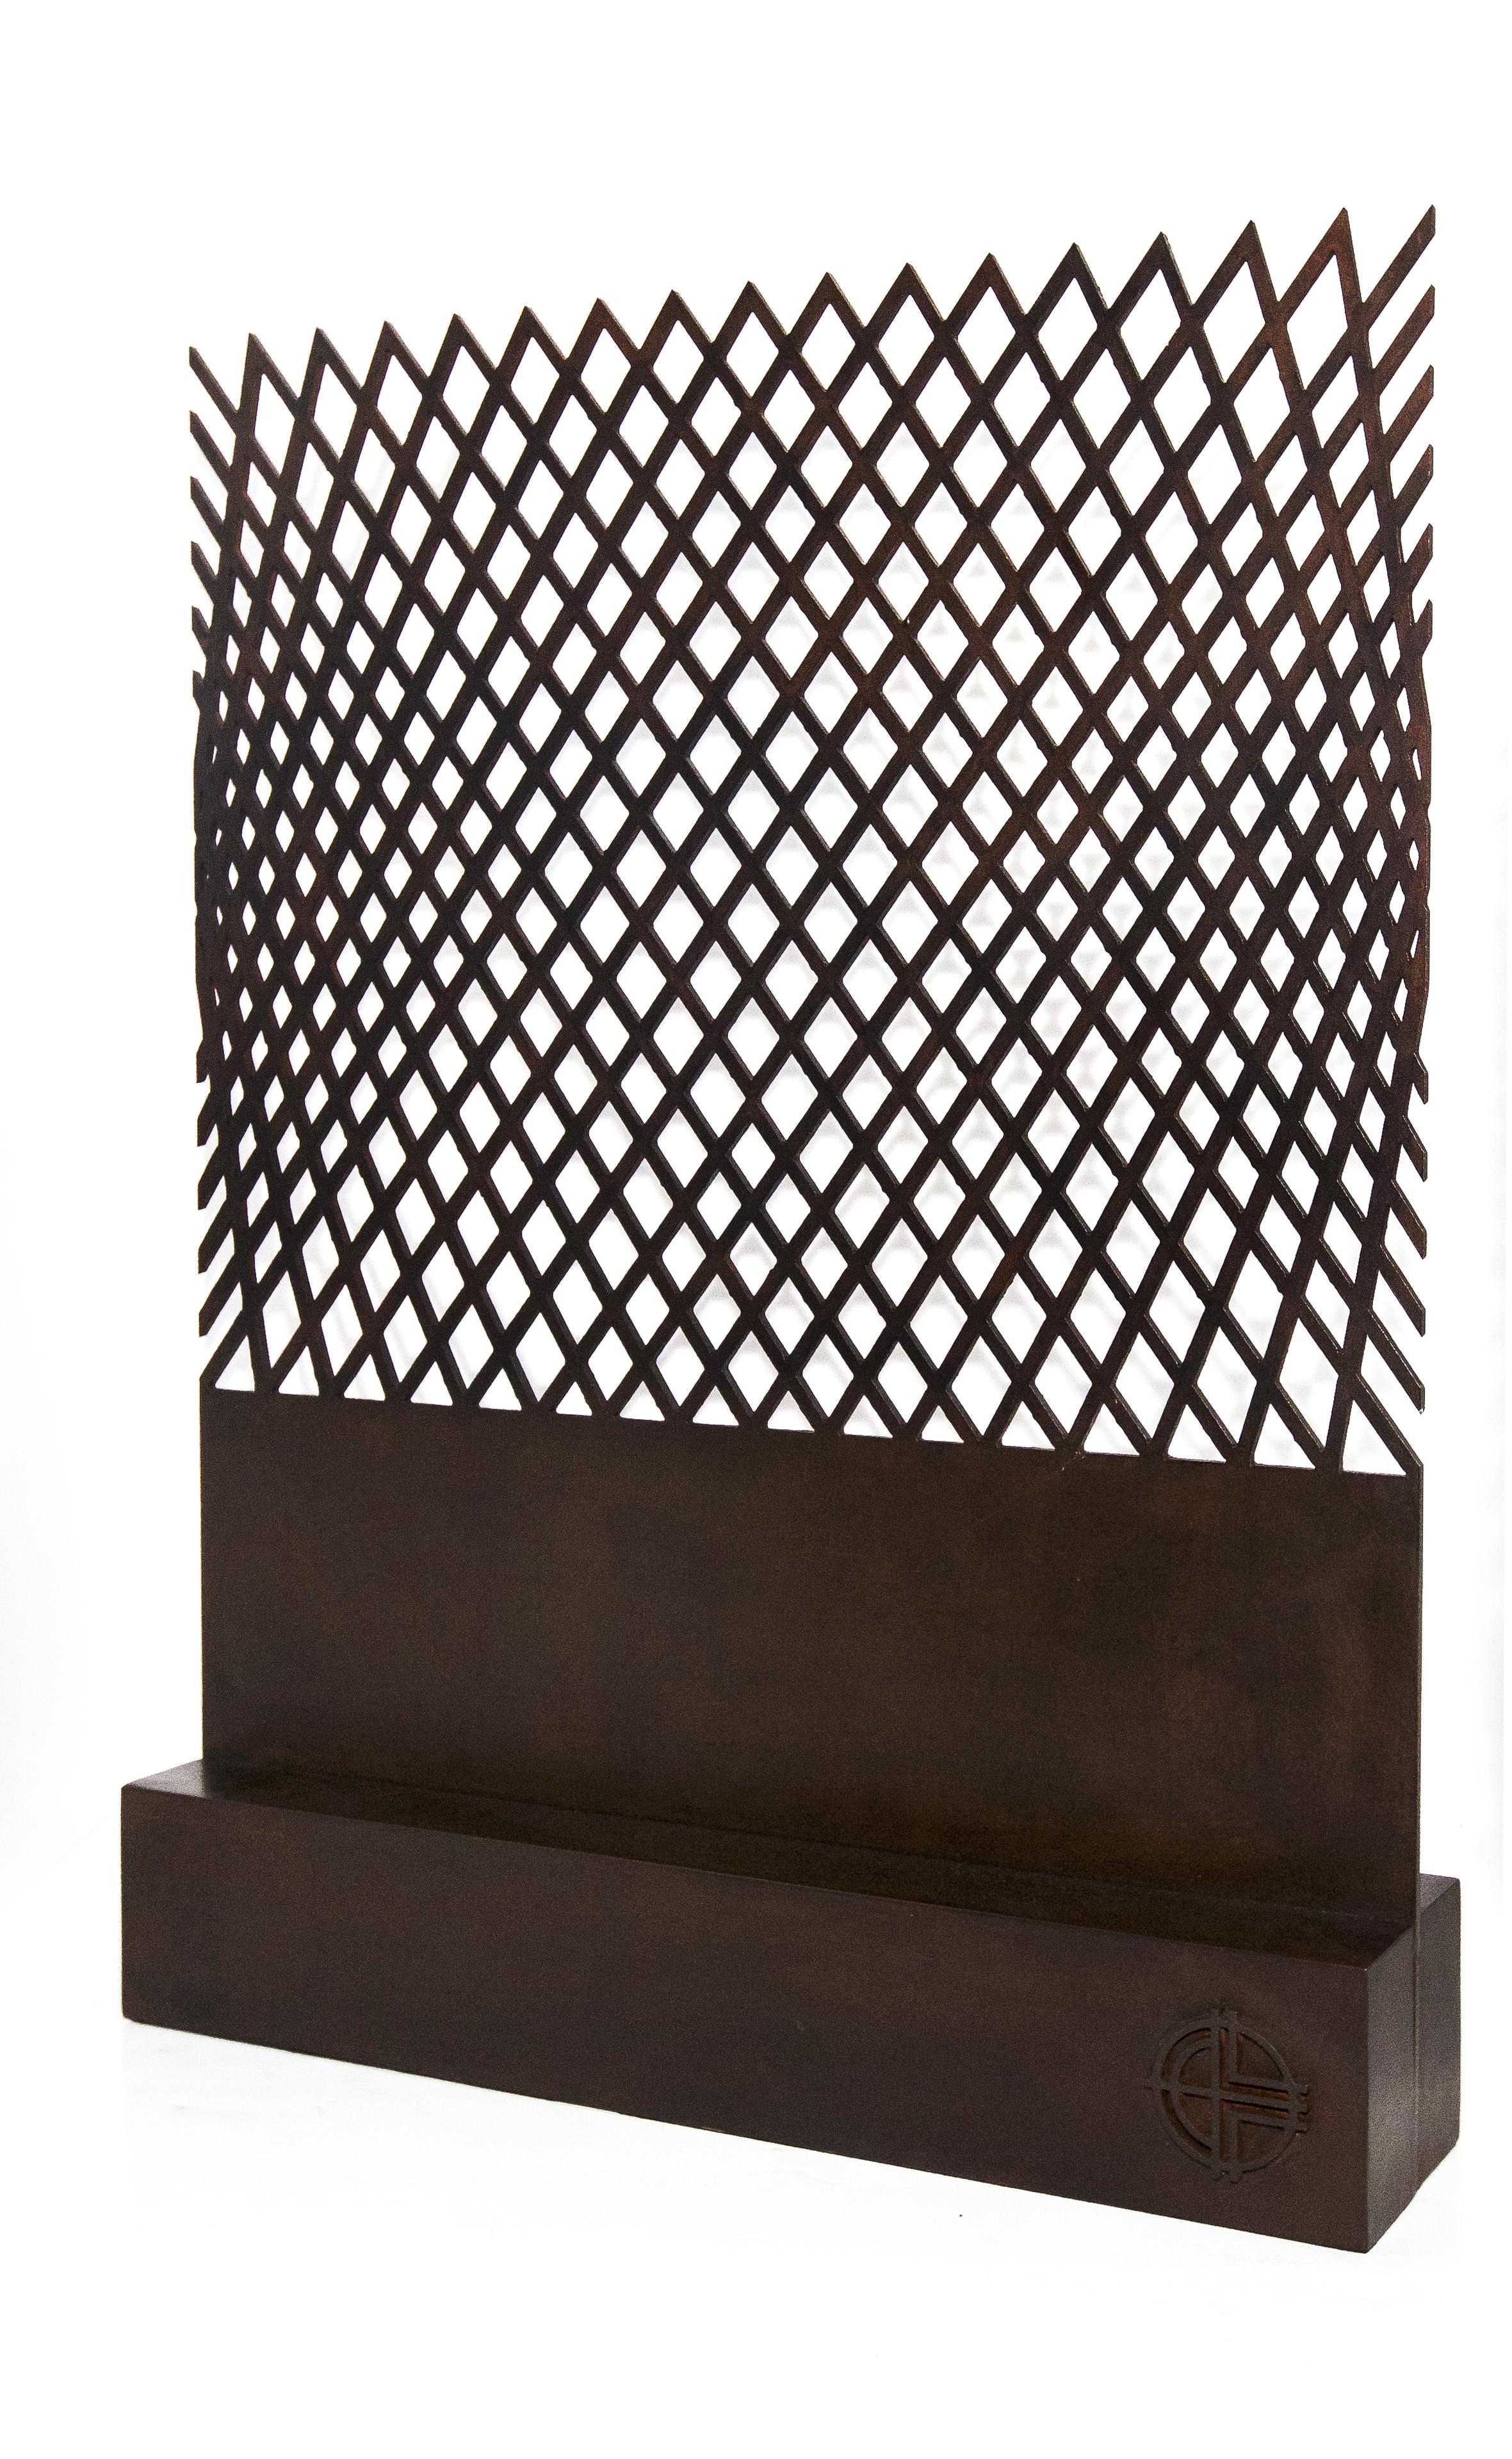 Javier Lledó. Las olas de Sirio- Sirio's Waves. 80 x 47 x 17 cm.-Acero corten Corten steel. Ángulo.